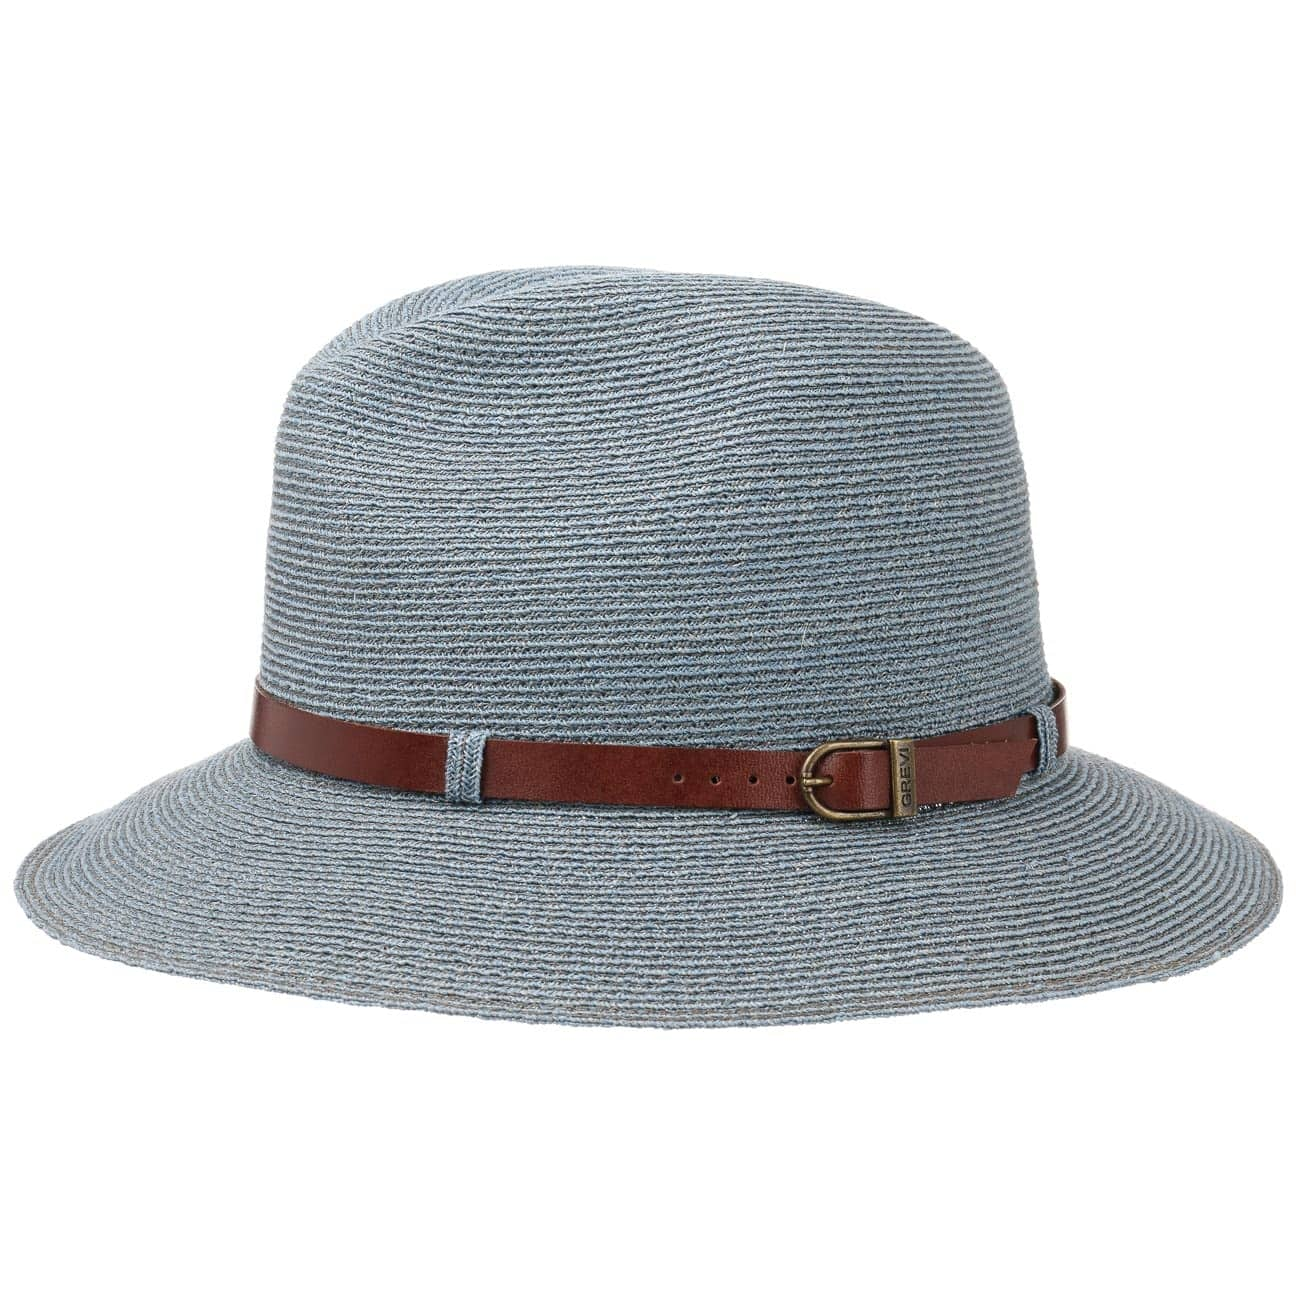 Sombrero de Mujer Abac? Traveller by GREVI  sombrero de paja